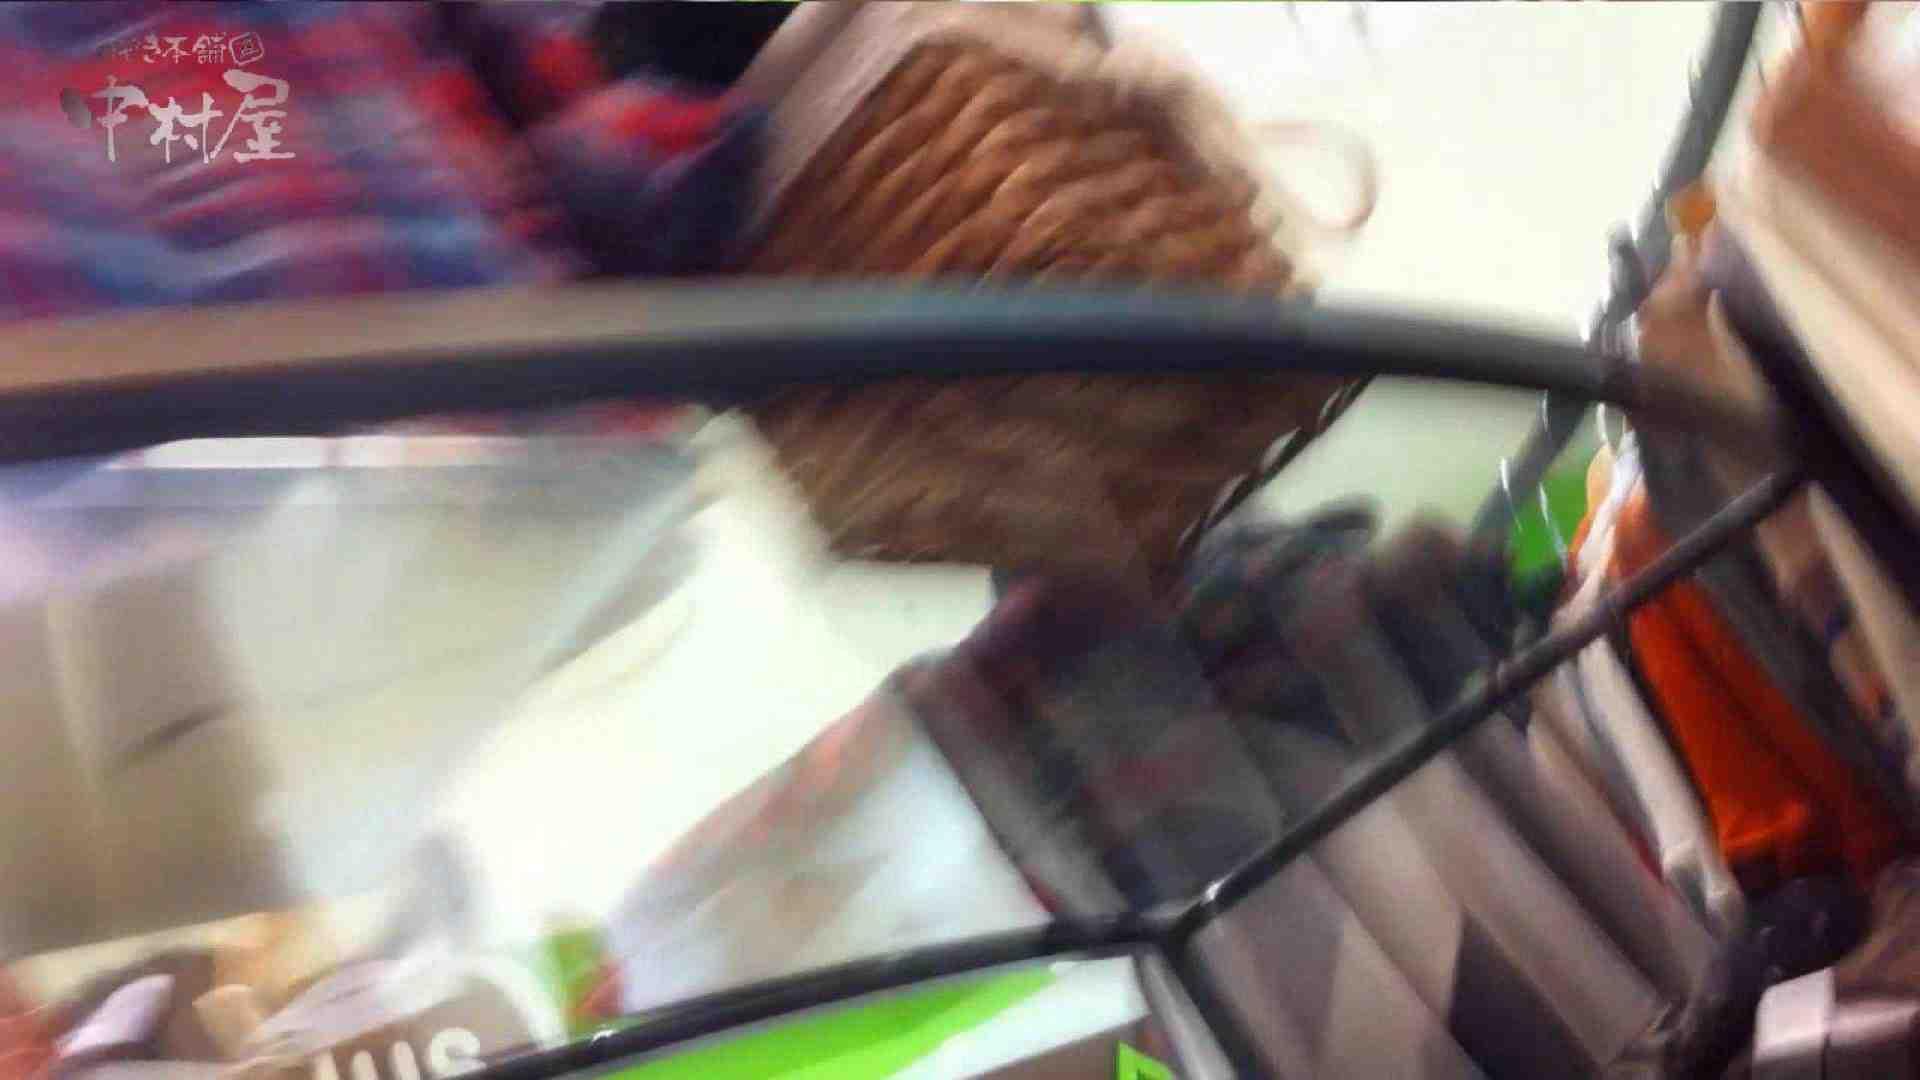 vol.77 美人アパレル胸チラ&パンチラ 緑のワンピにせまってみたw チラ 盗撮エロ画像 104画像 33